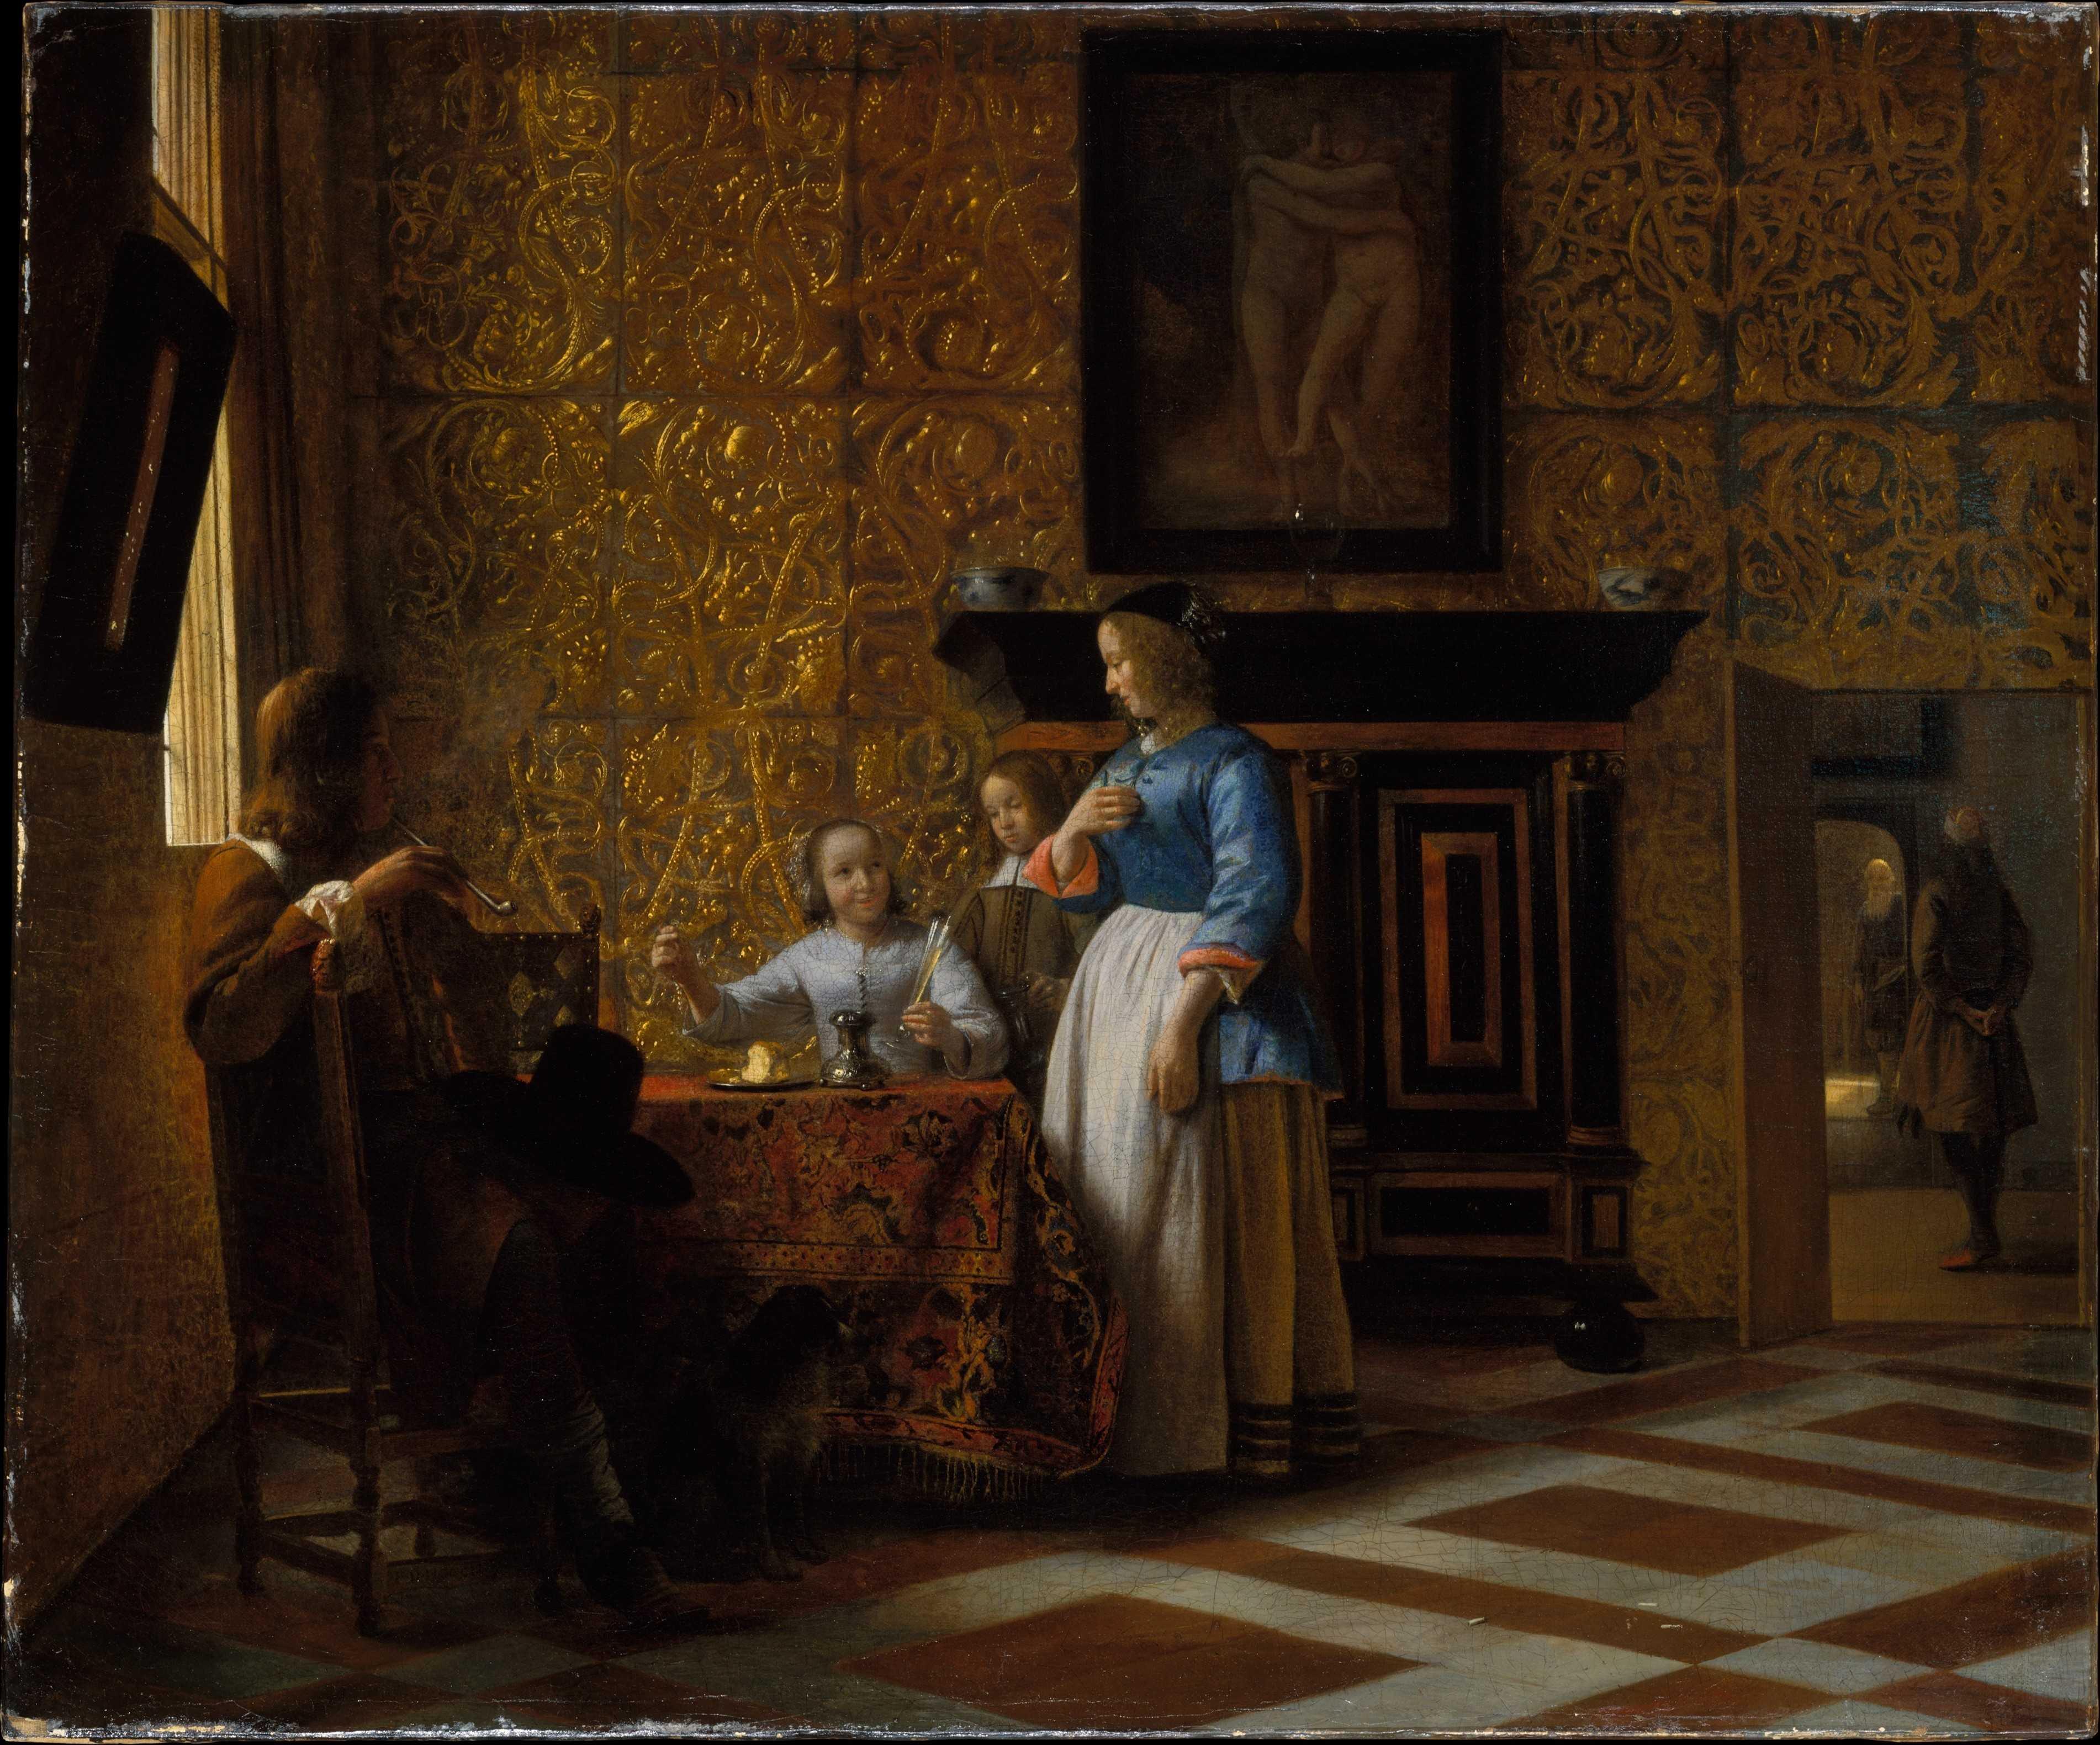 Питер де Хох - Свободное время в элегантной обстановке. Музей Метрополитен